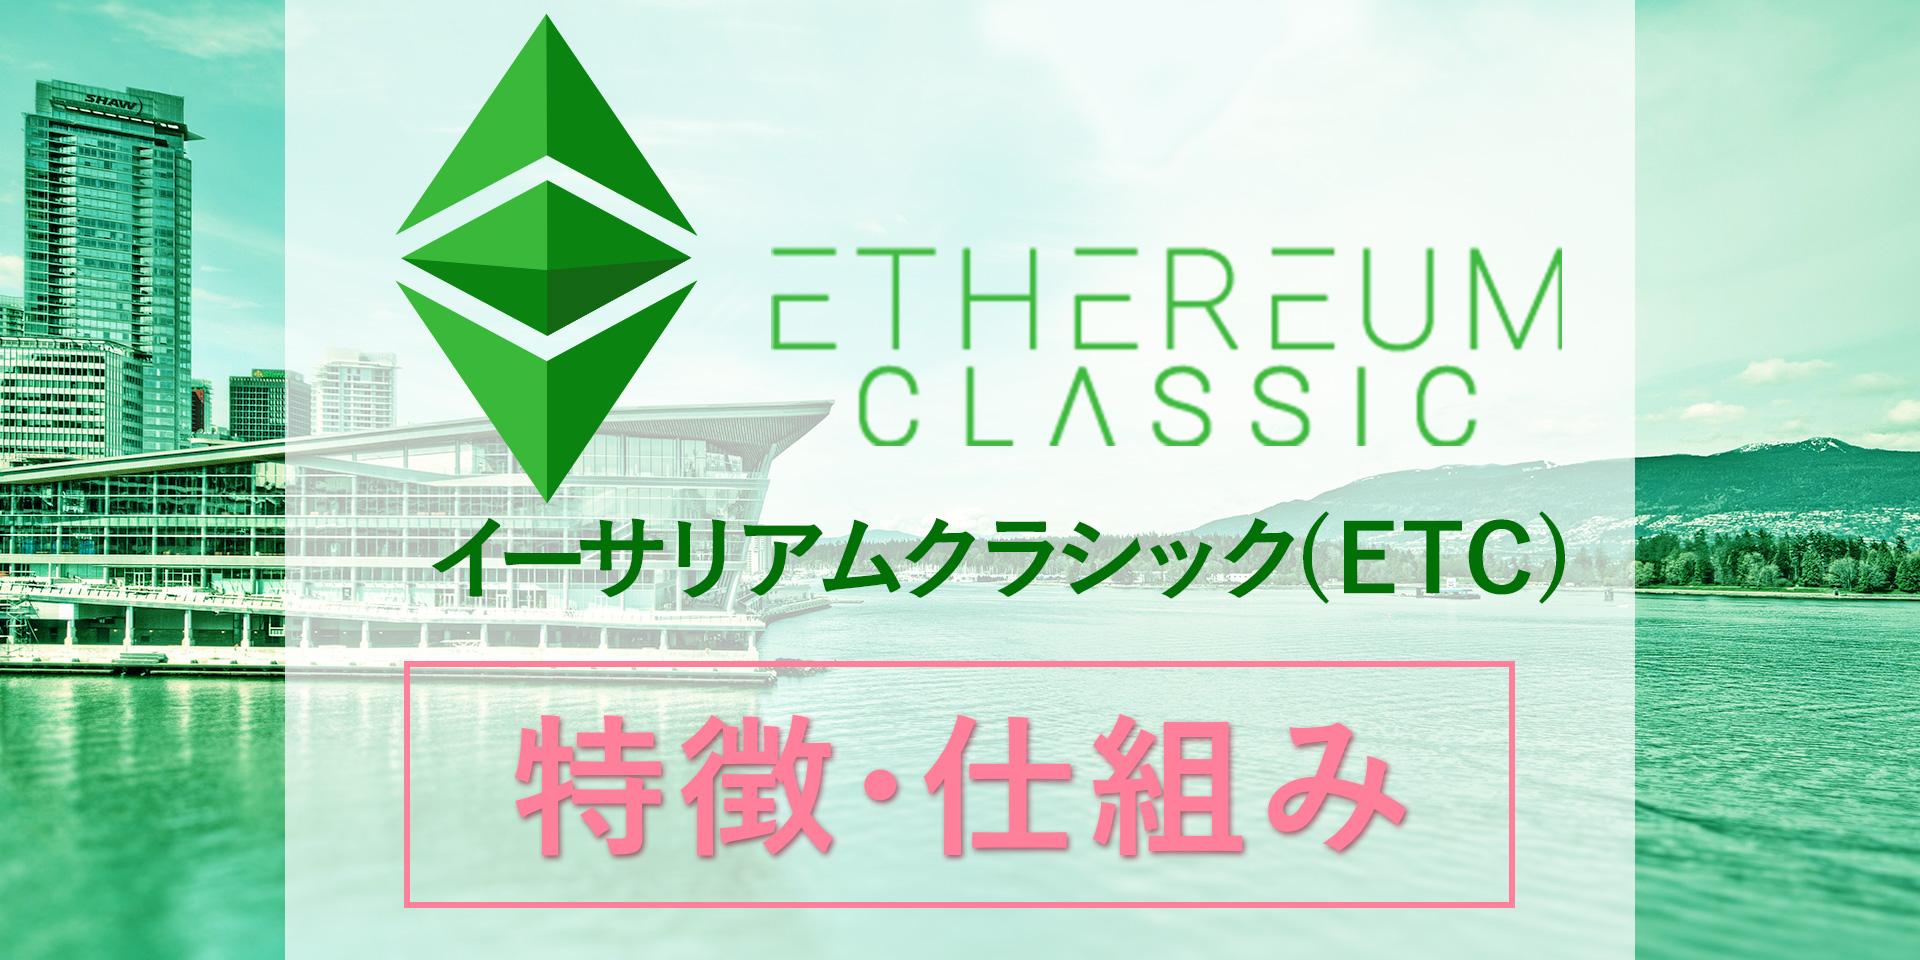 イーサリアムクラシック(Ethereum Classic)とは?「The DAO事件」から誕生したプロジェクトを徹底解説!